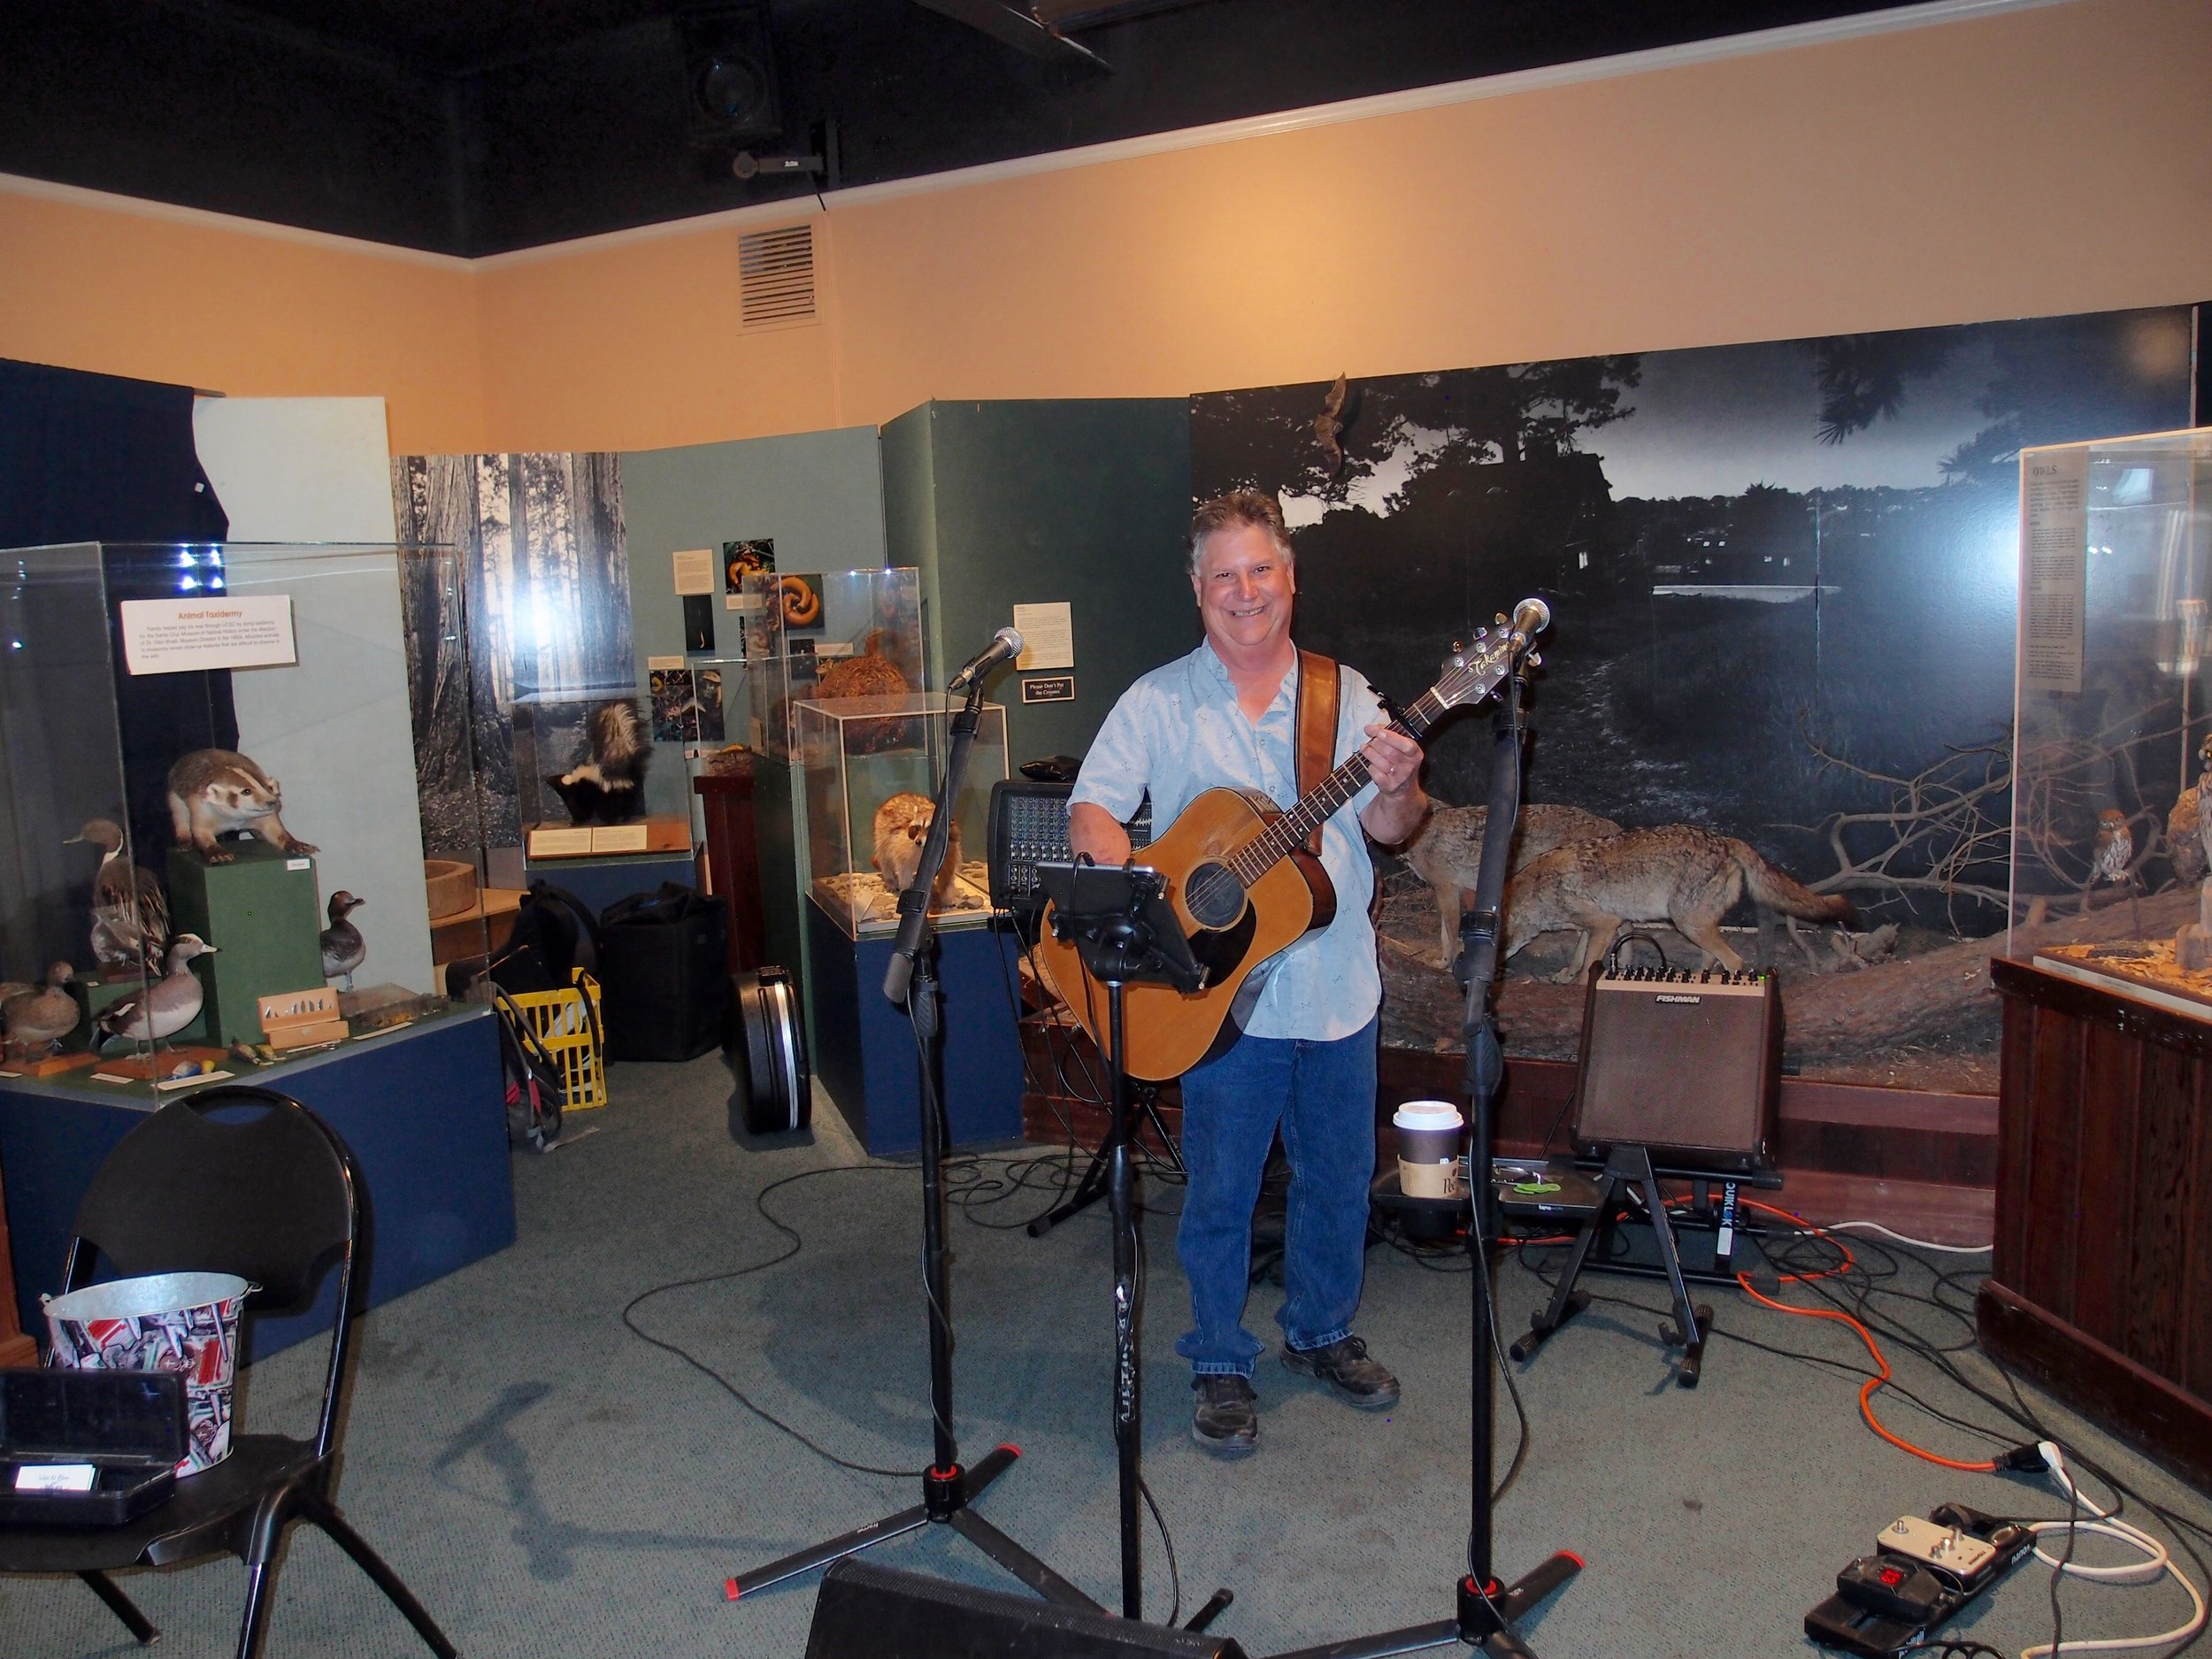 Steve Bennett setting up.